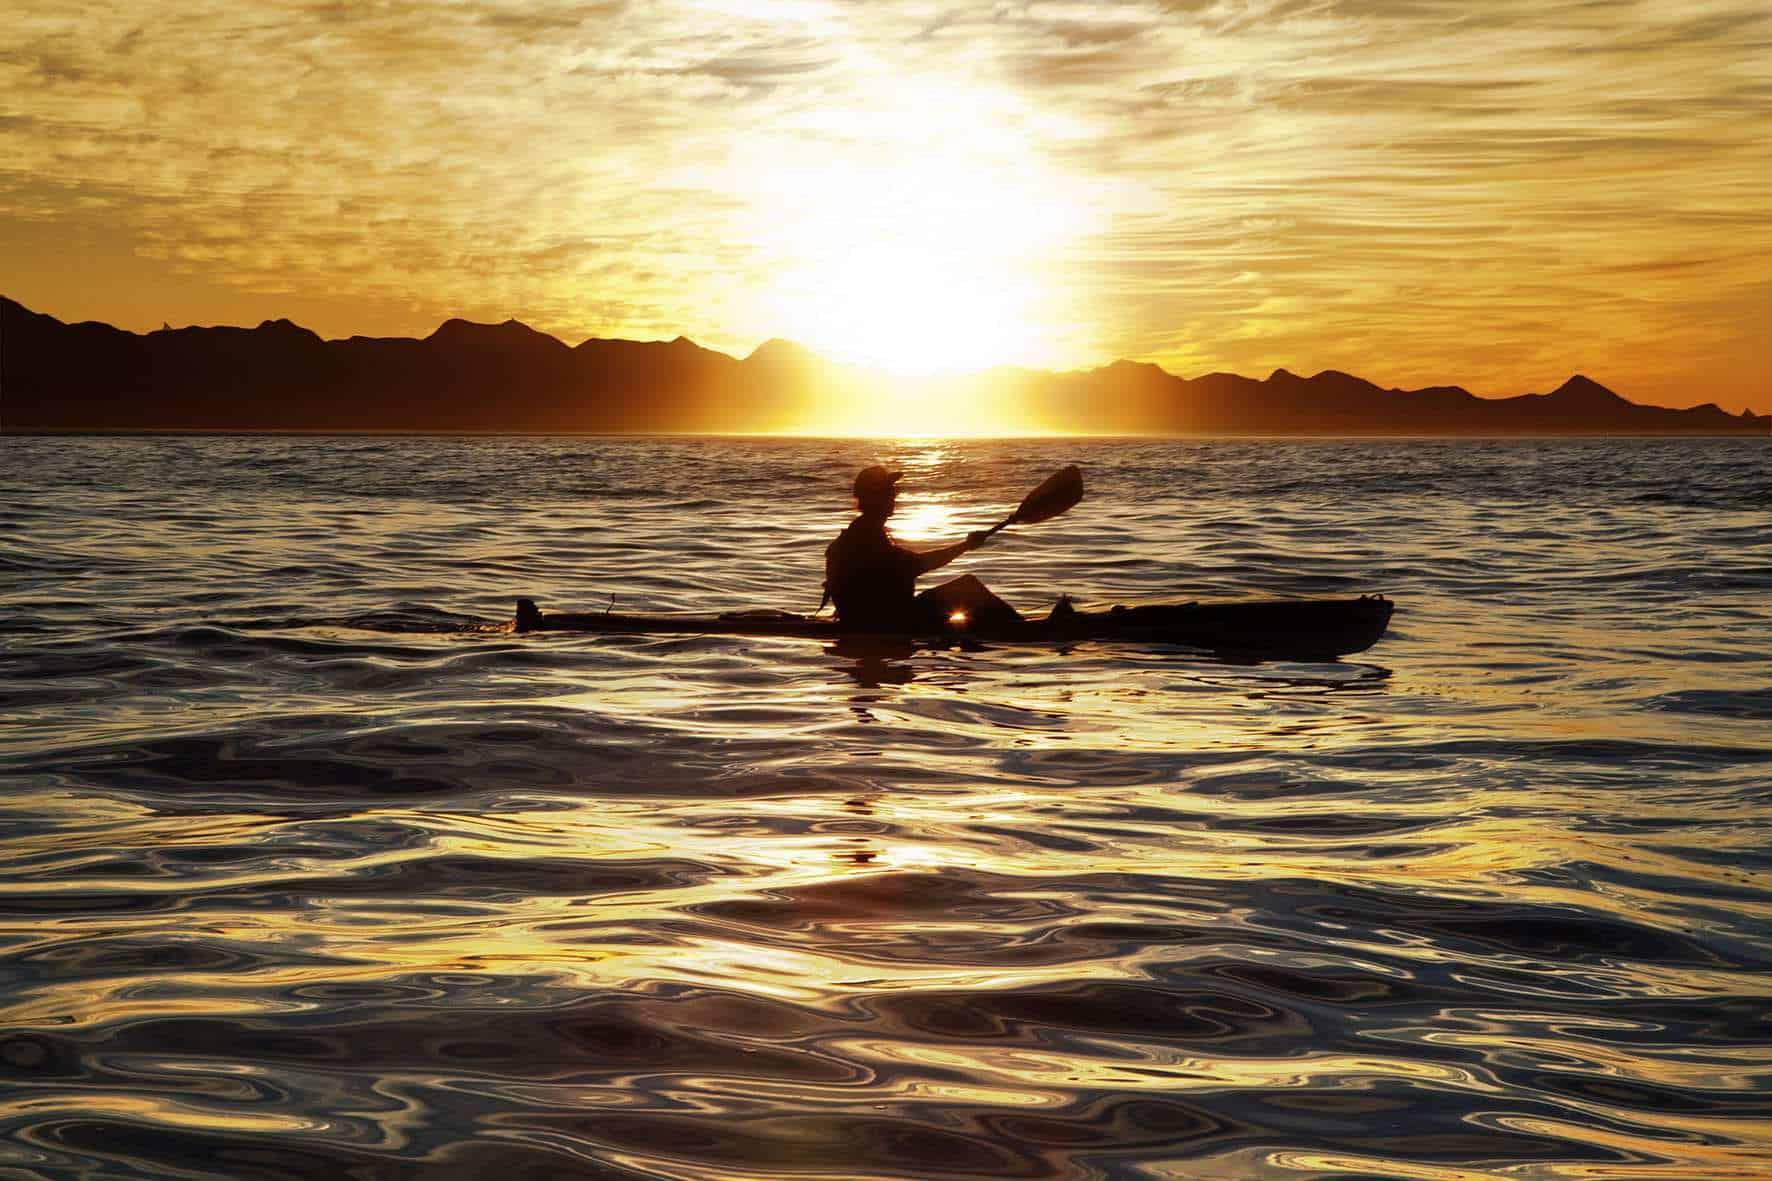 Plettenbrg Bayr Sunset Canoeing